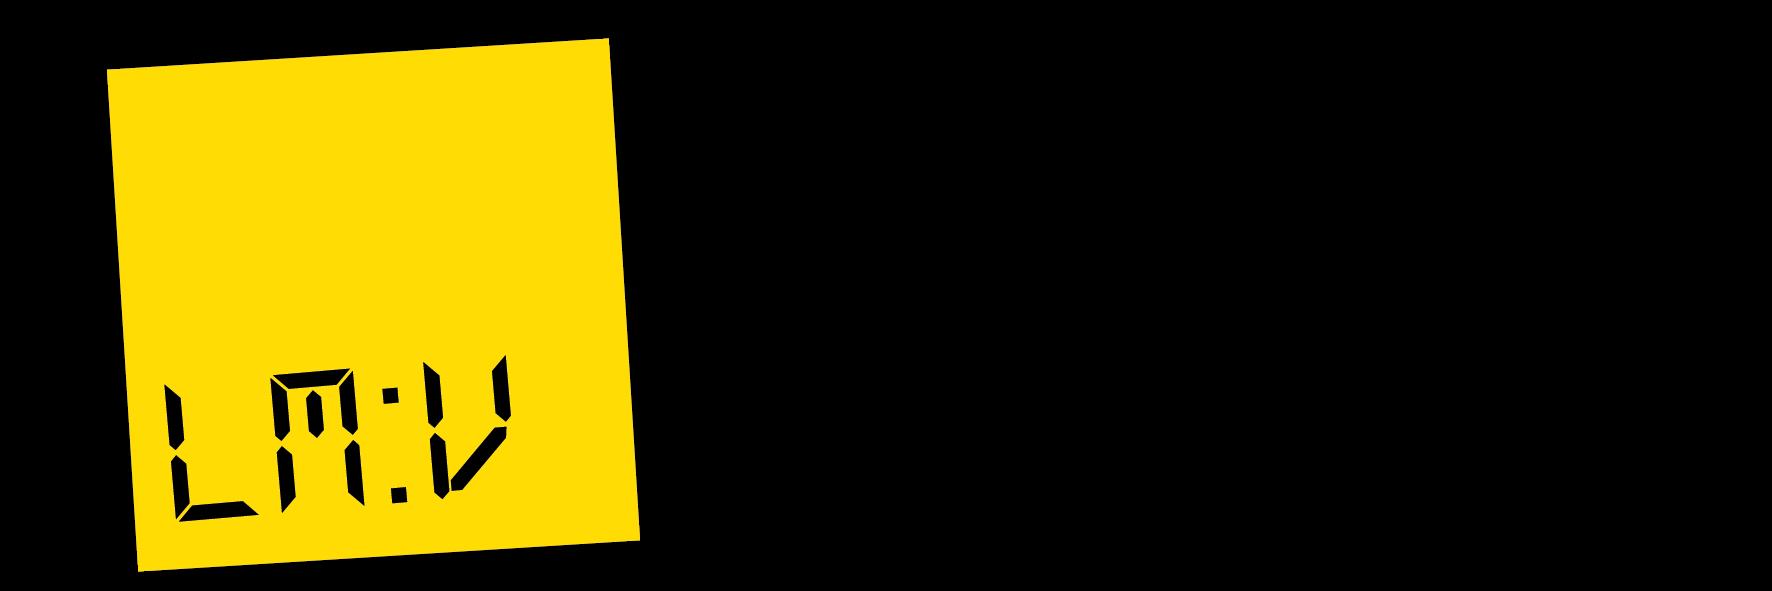 LMV Schriftzug